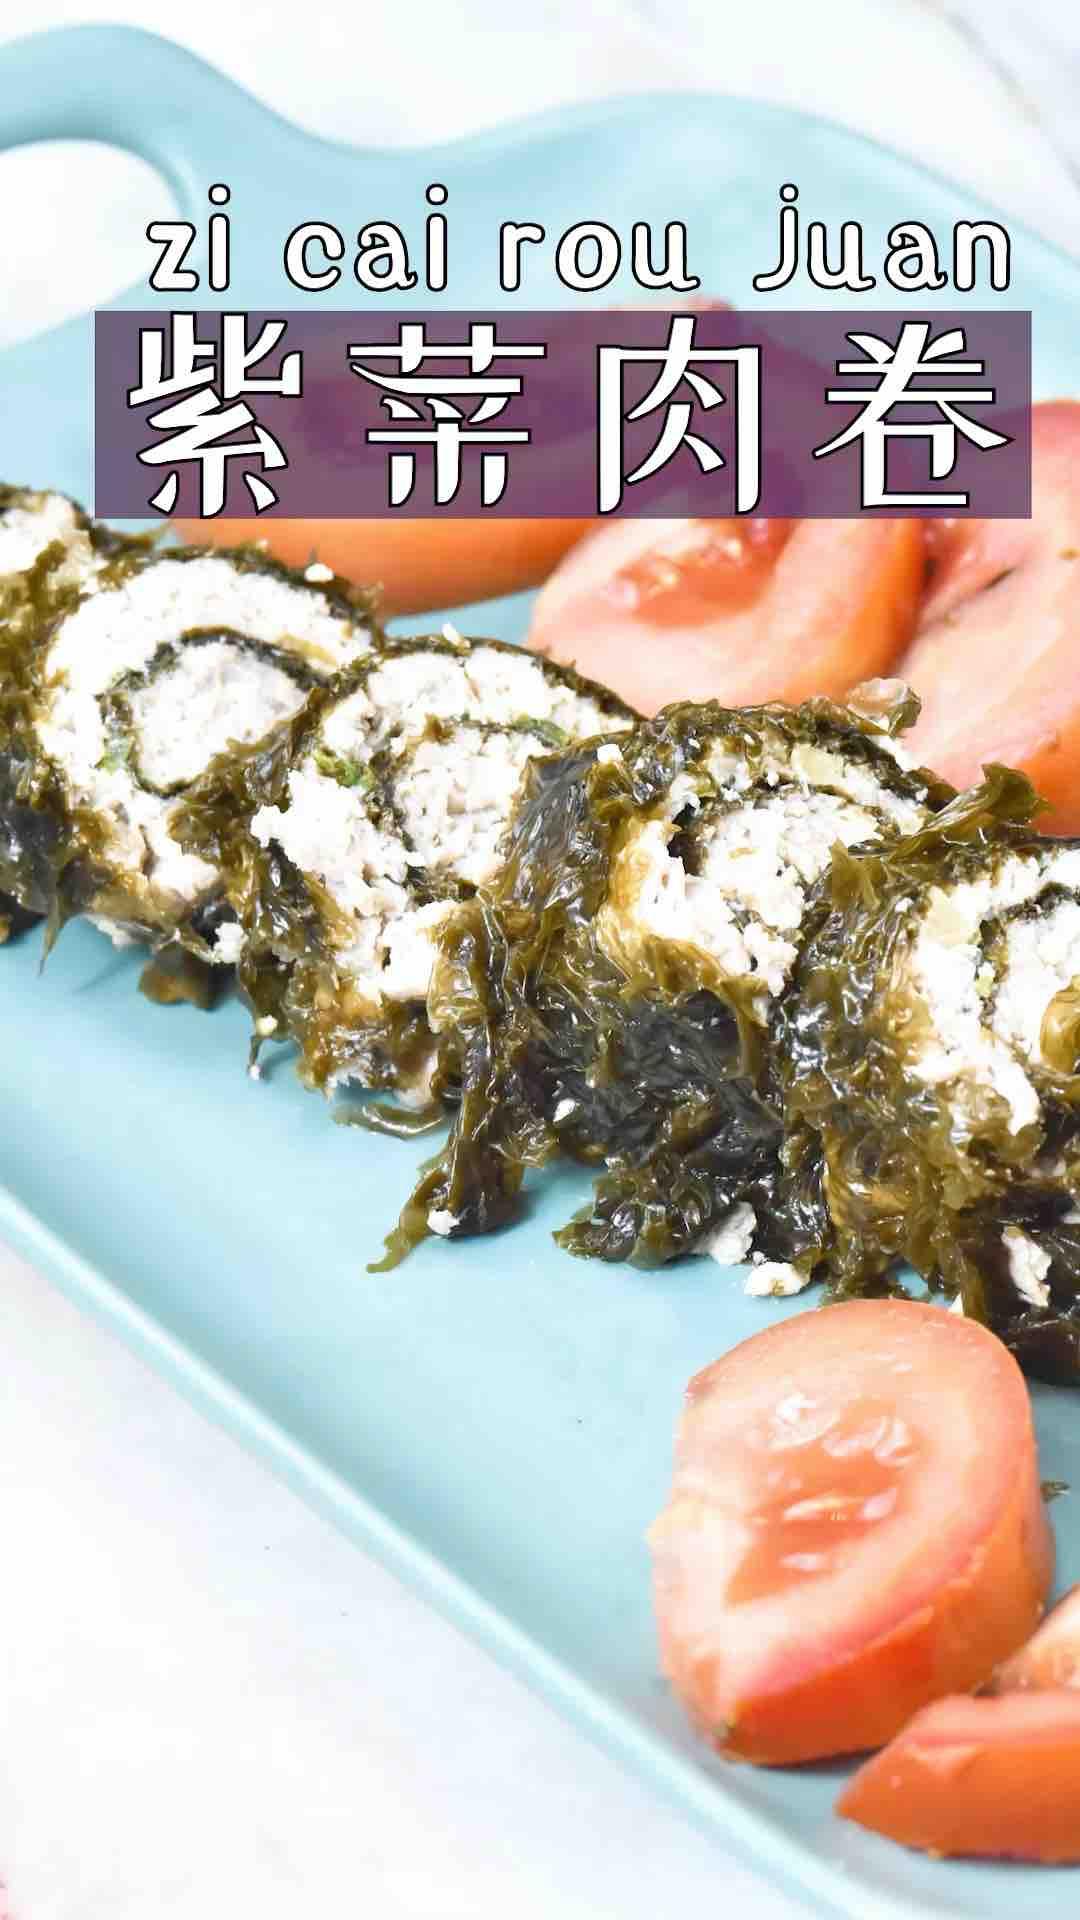 创意营养餐 | 紫菜肉卷